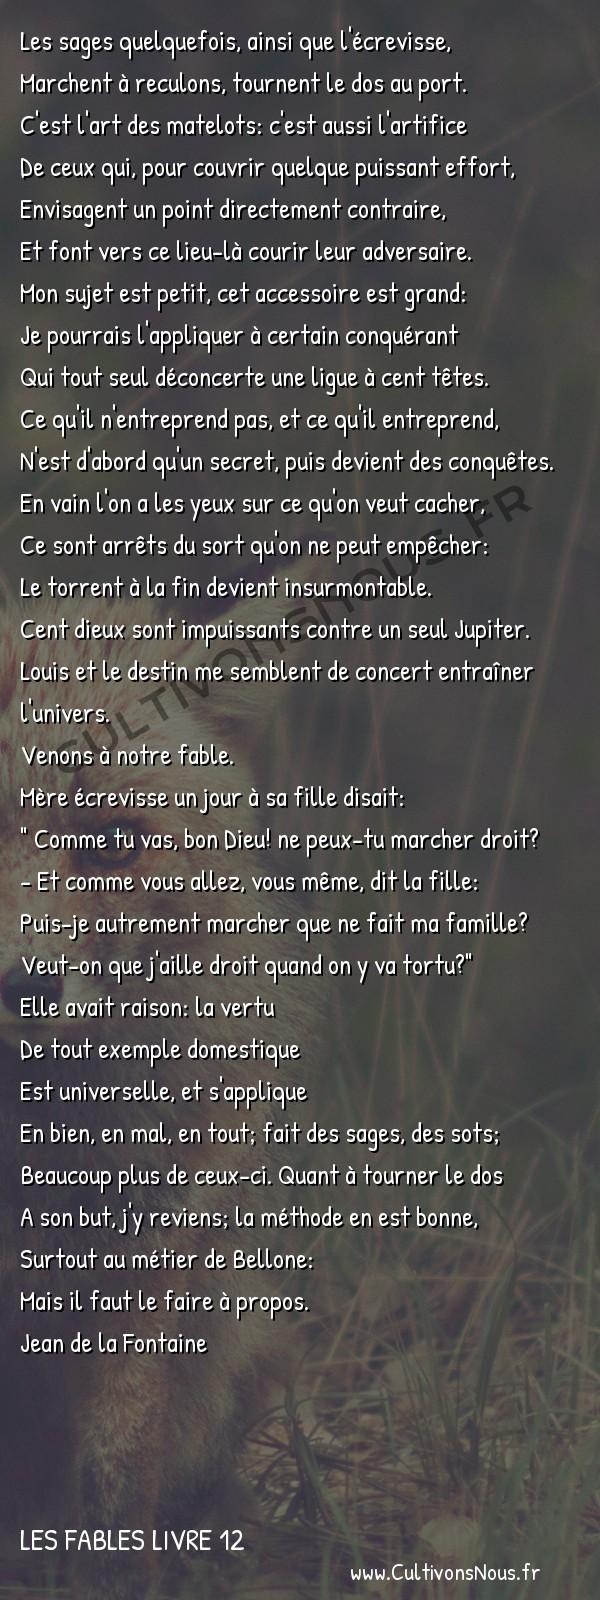 Fables Jean de la Fontaine - Les fables Livre 12 - L'Ecrevisse et sa Fille -   Les sages quelquefois, ainsi que l'écrevisse, Marchent à reculons, tournent le dos au port.